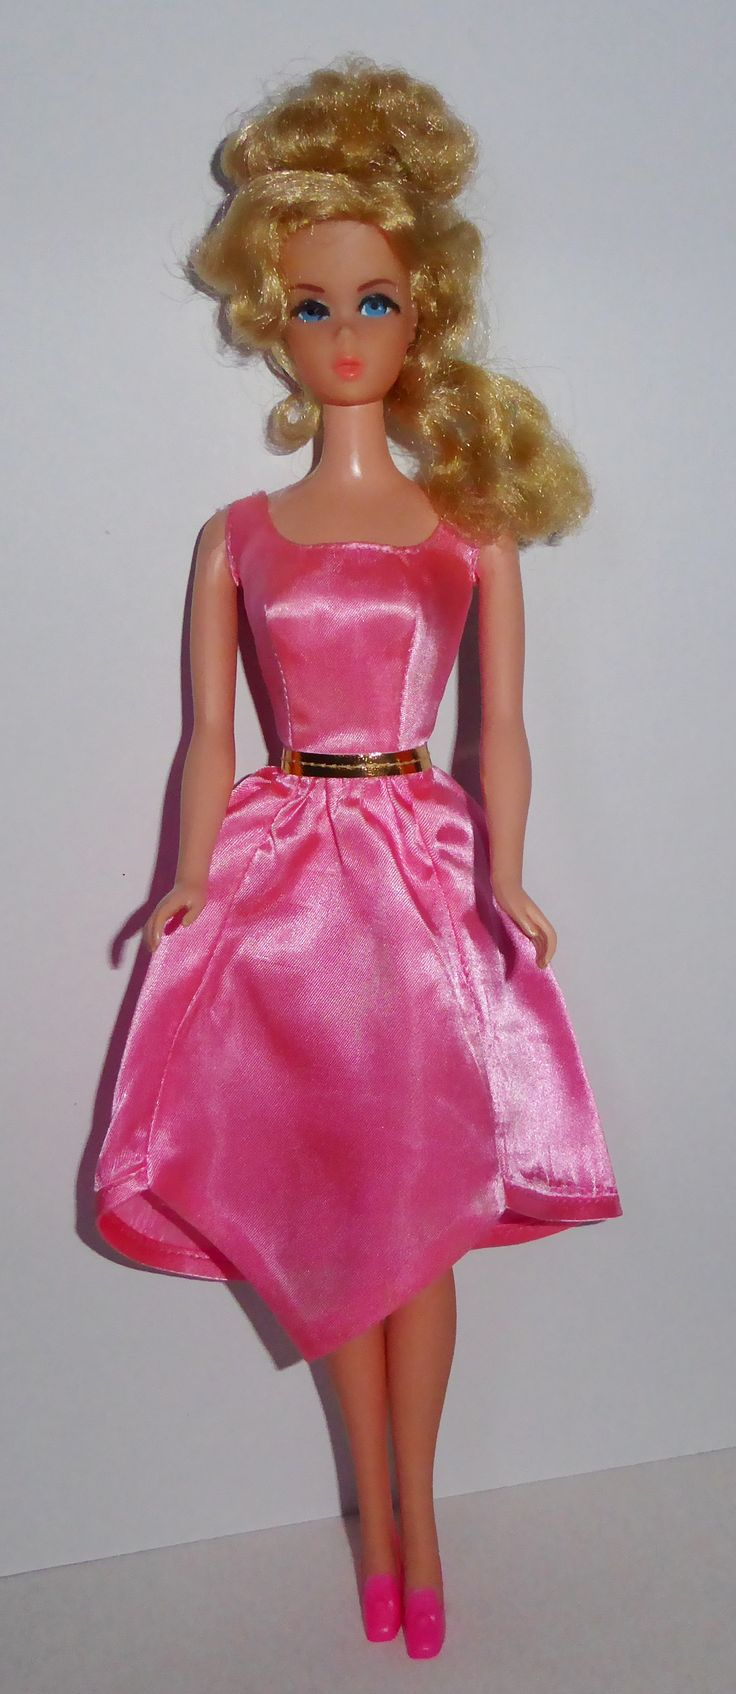 3116 Best Fabulous Barbie Images On Pinterest Barbie